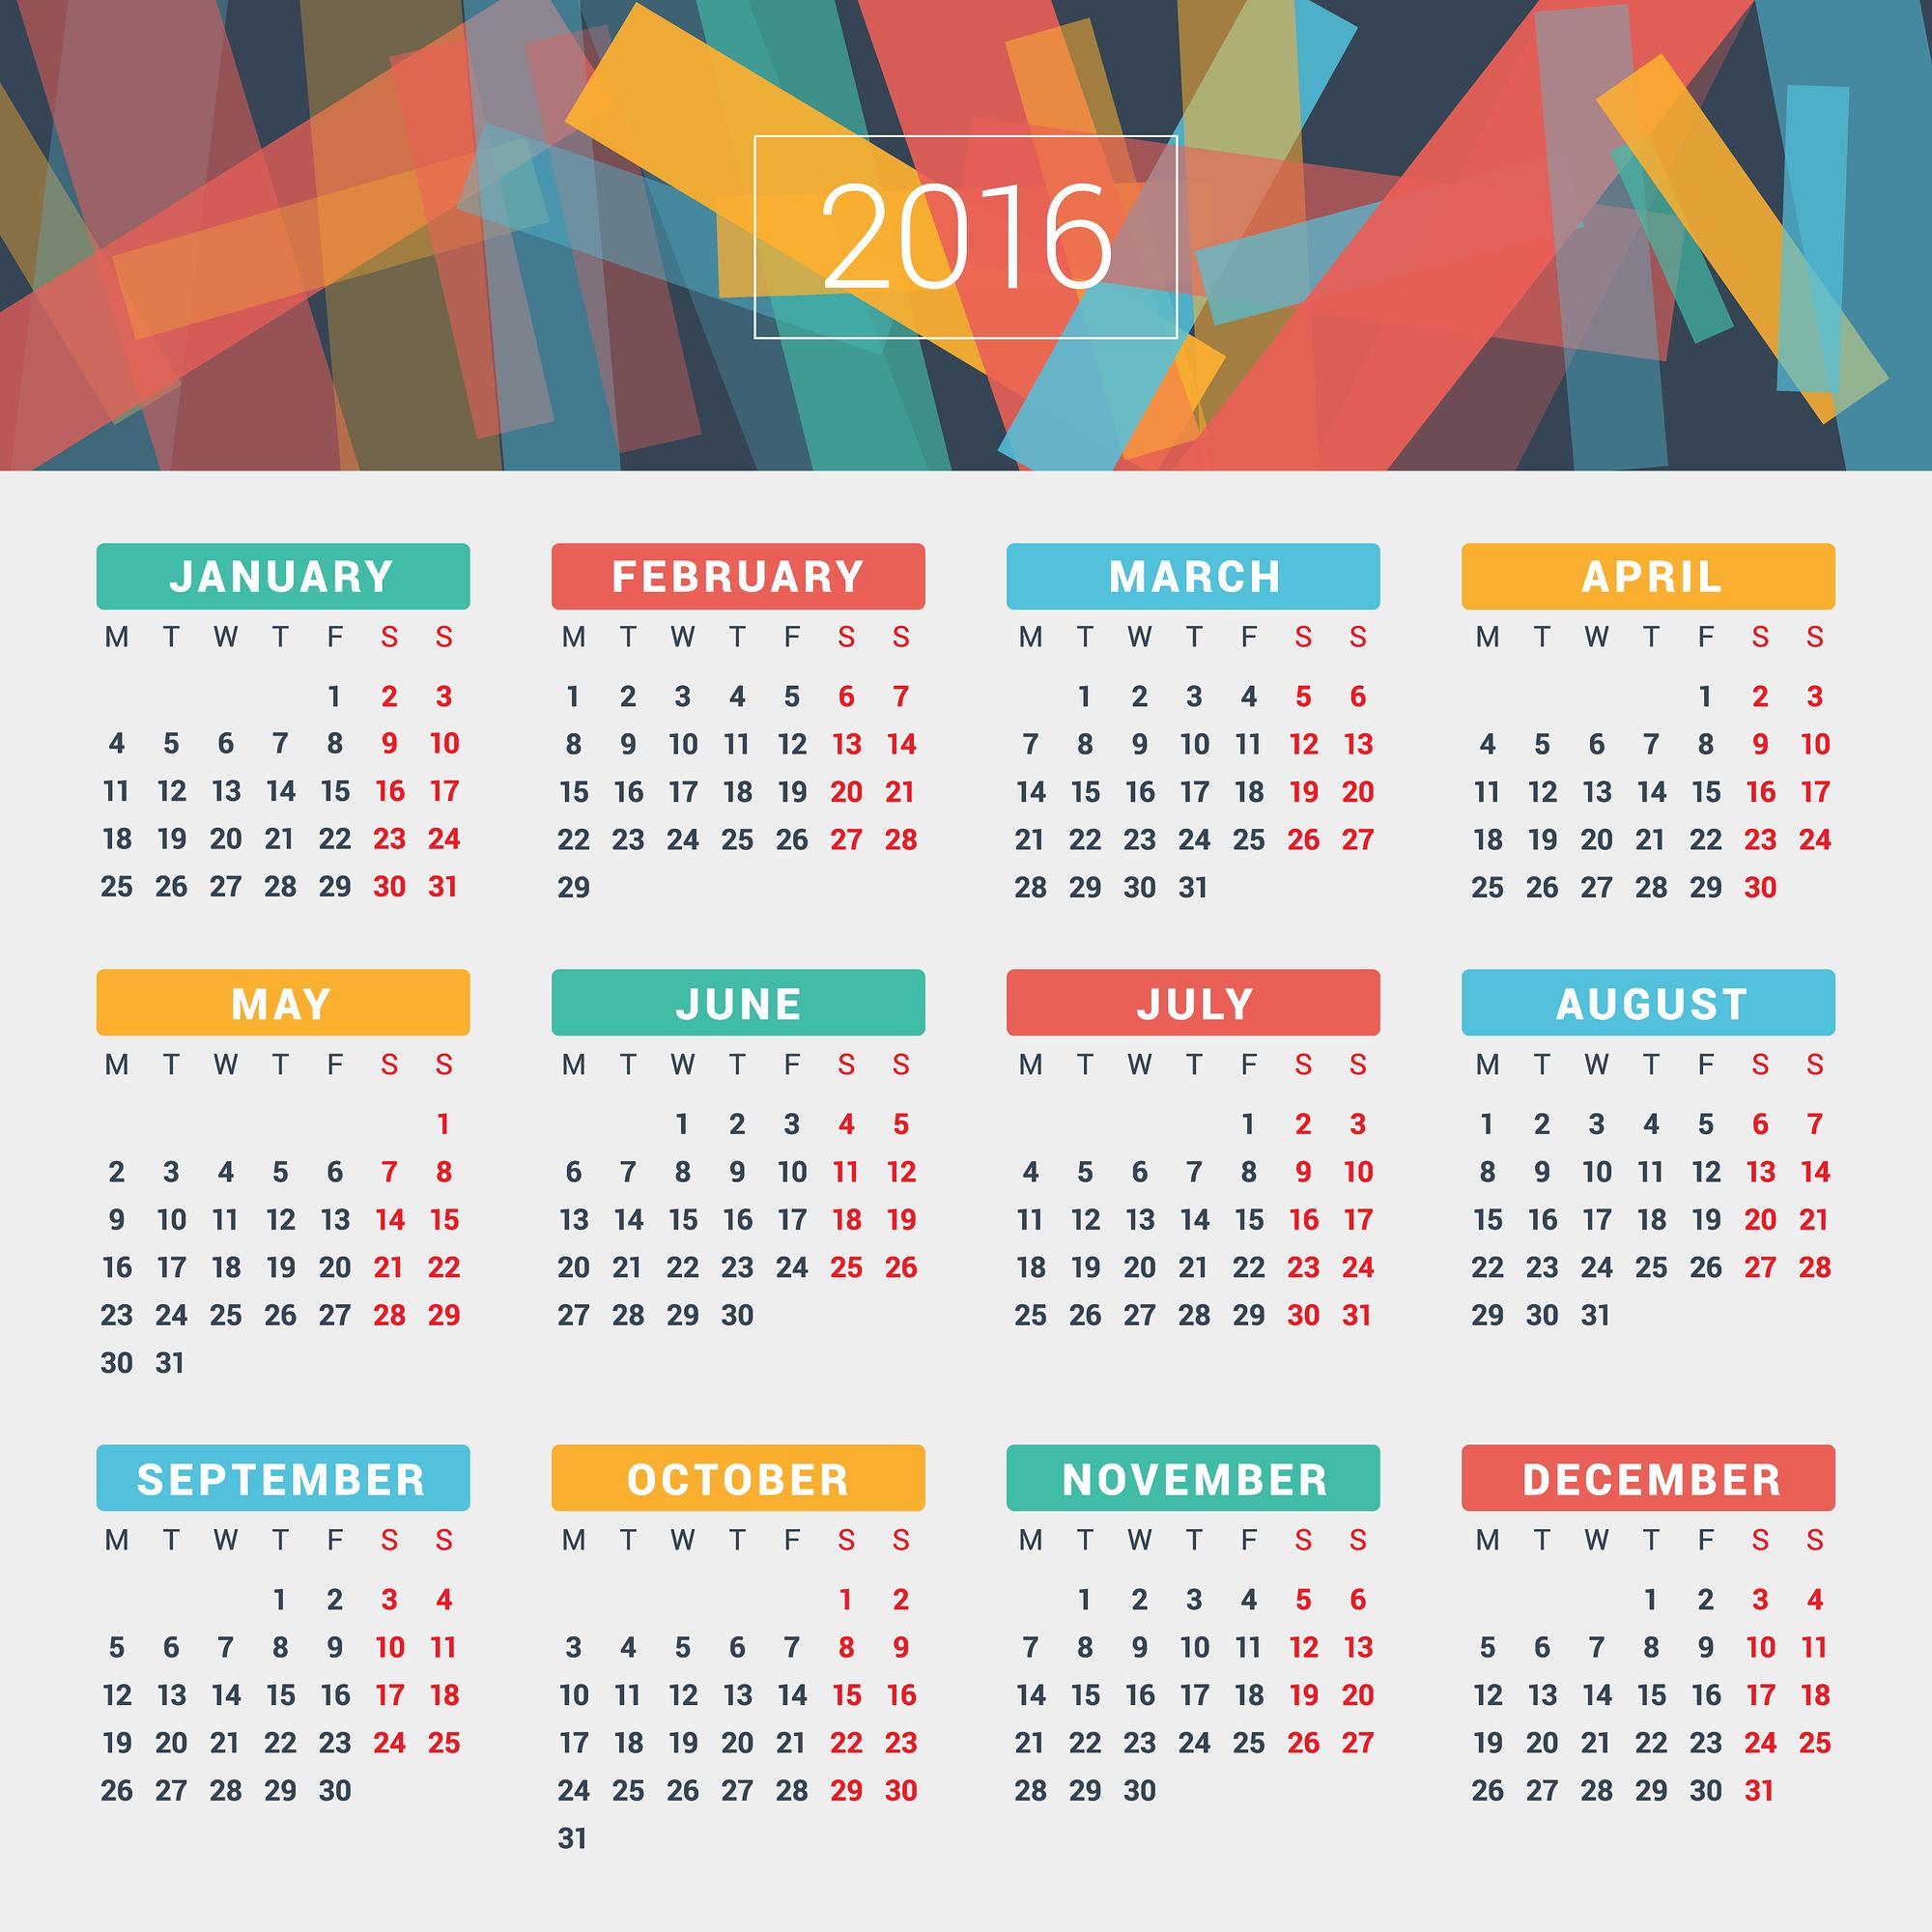 2000x2000px wallpaper calendar download 2016 wallpapersafari